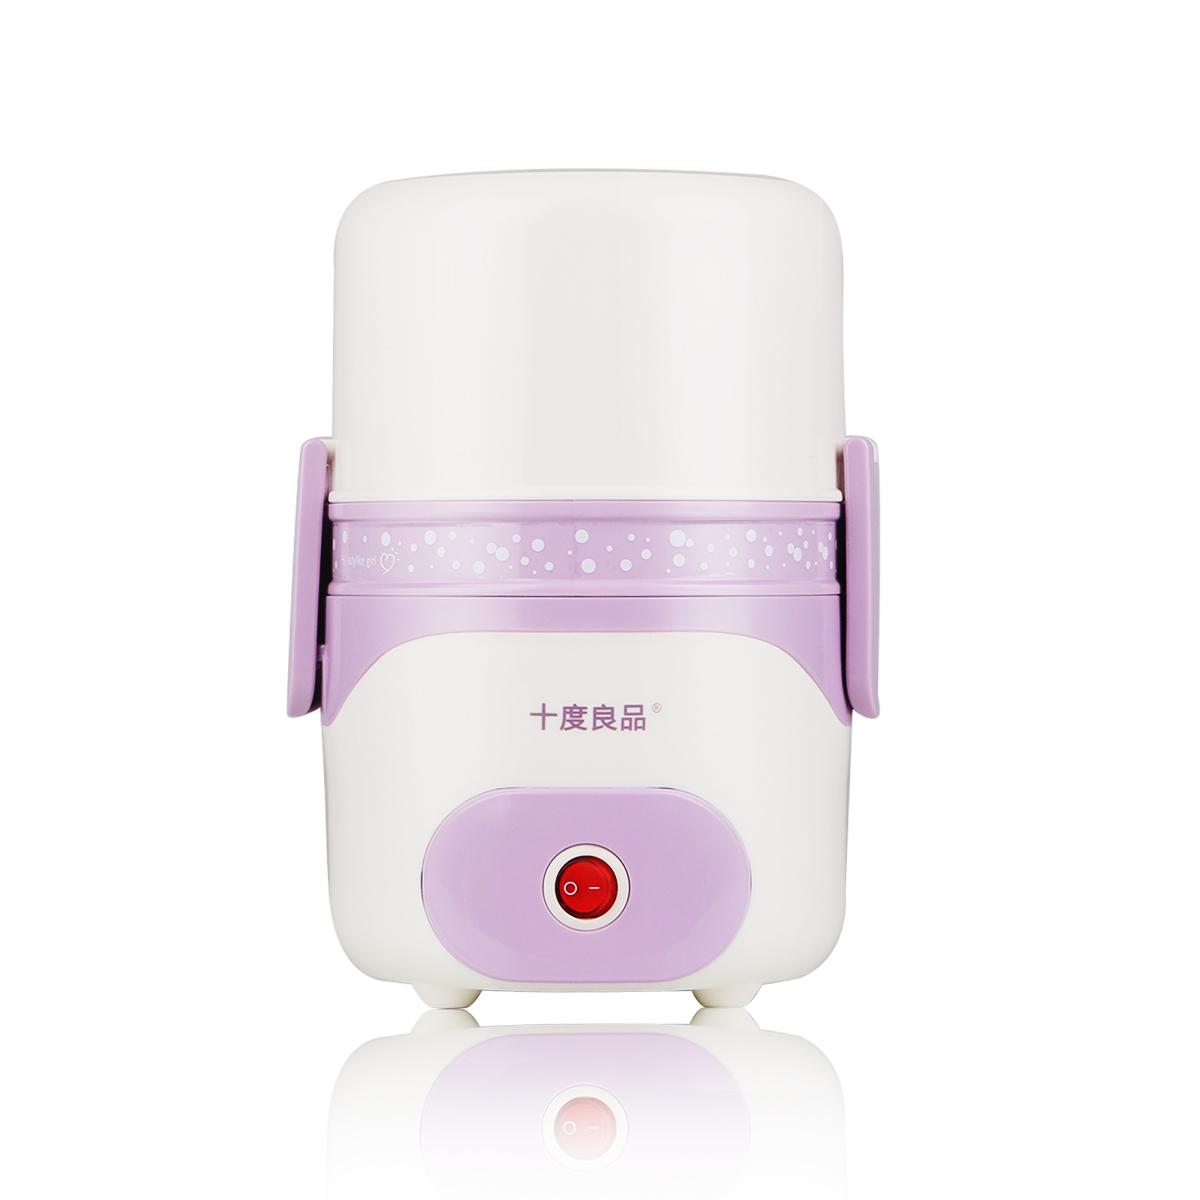 十度良品插电保温饭盒SD-983